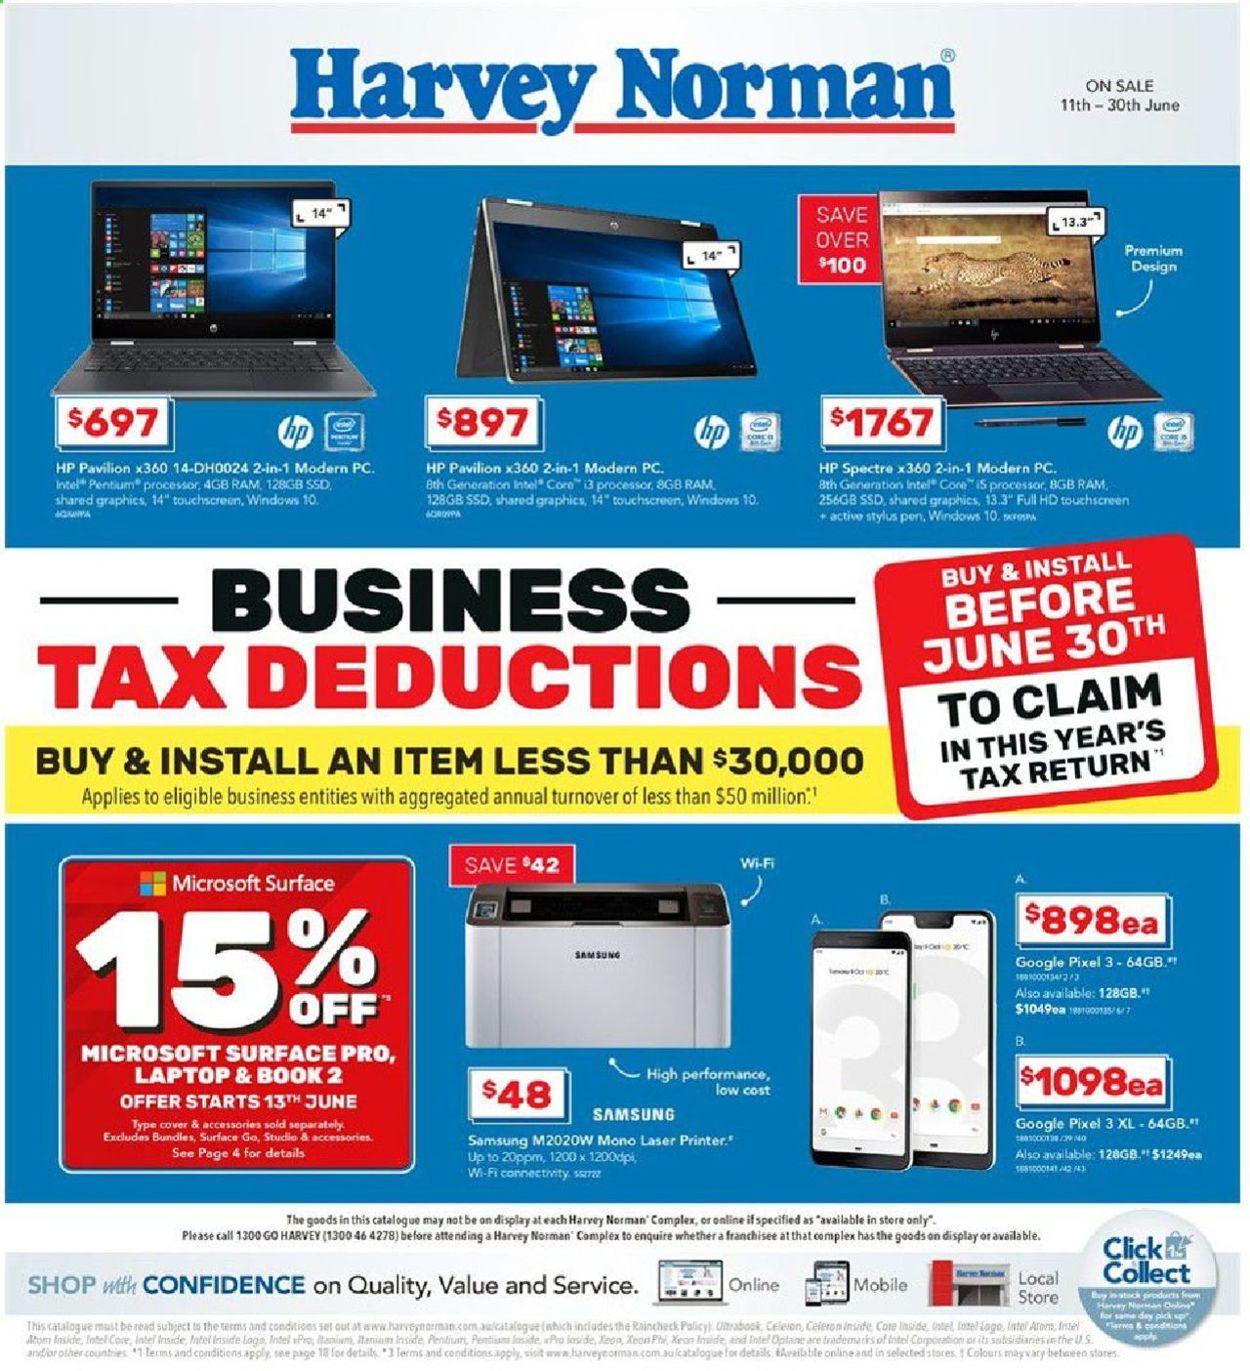 Harvey Norman Catalogue - 11/06-30/06/2019